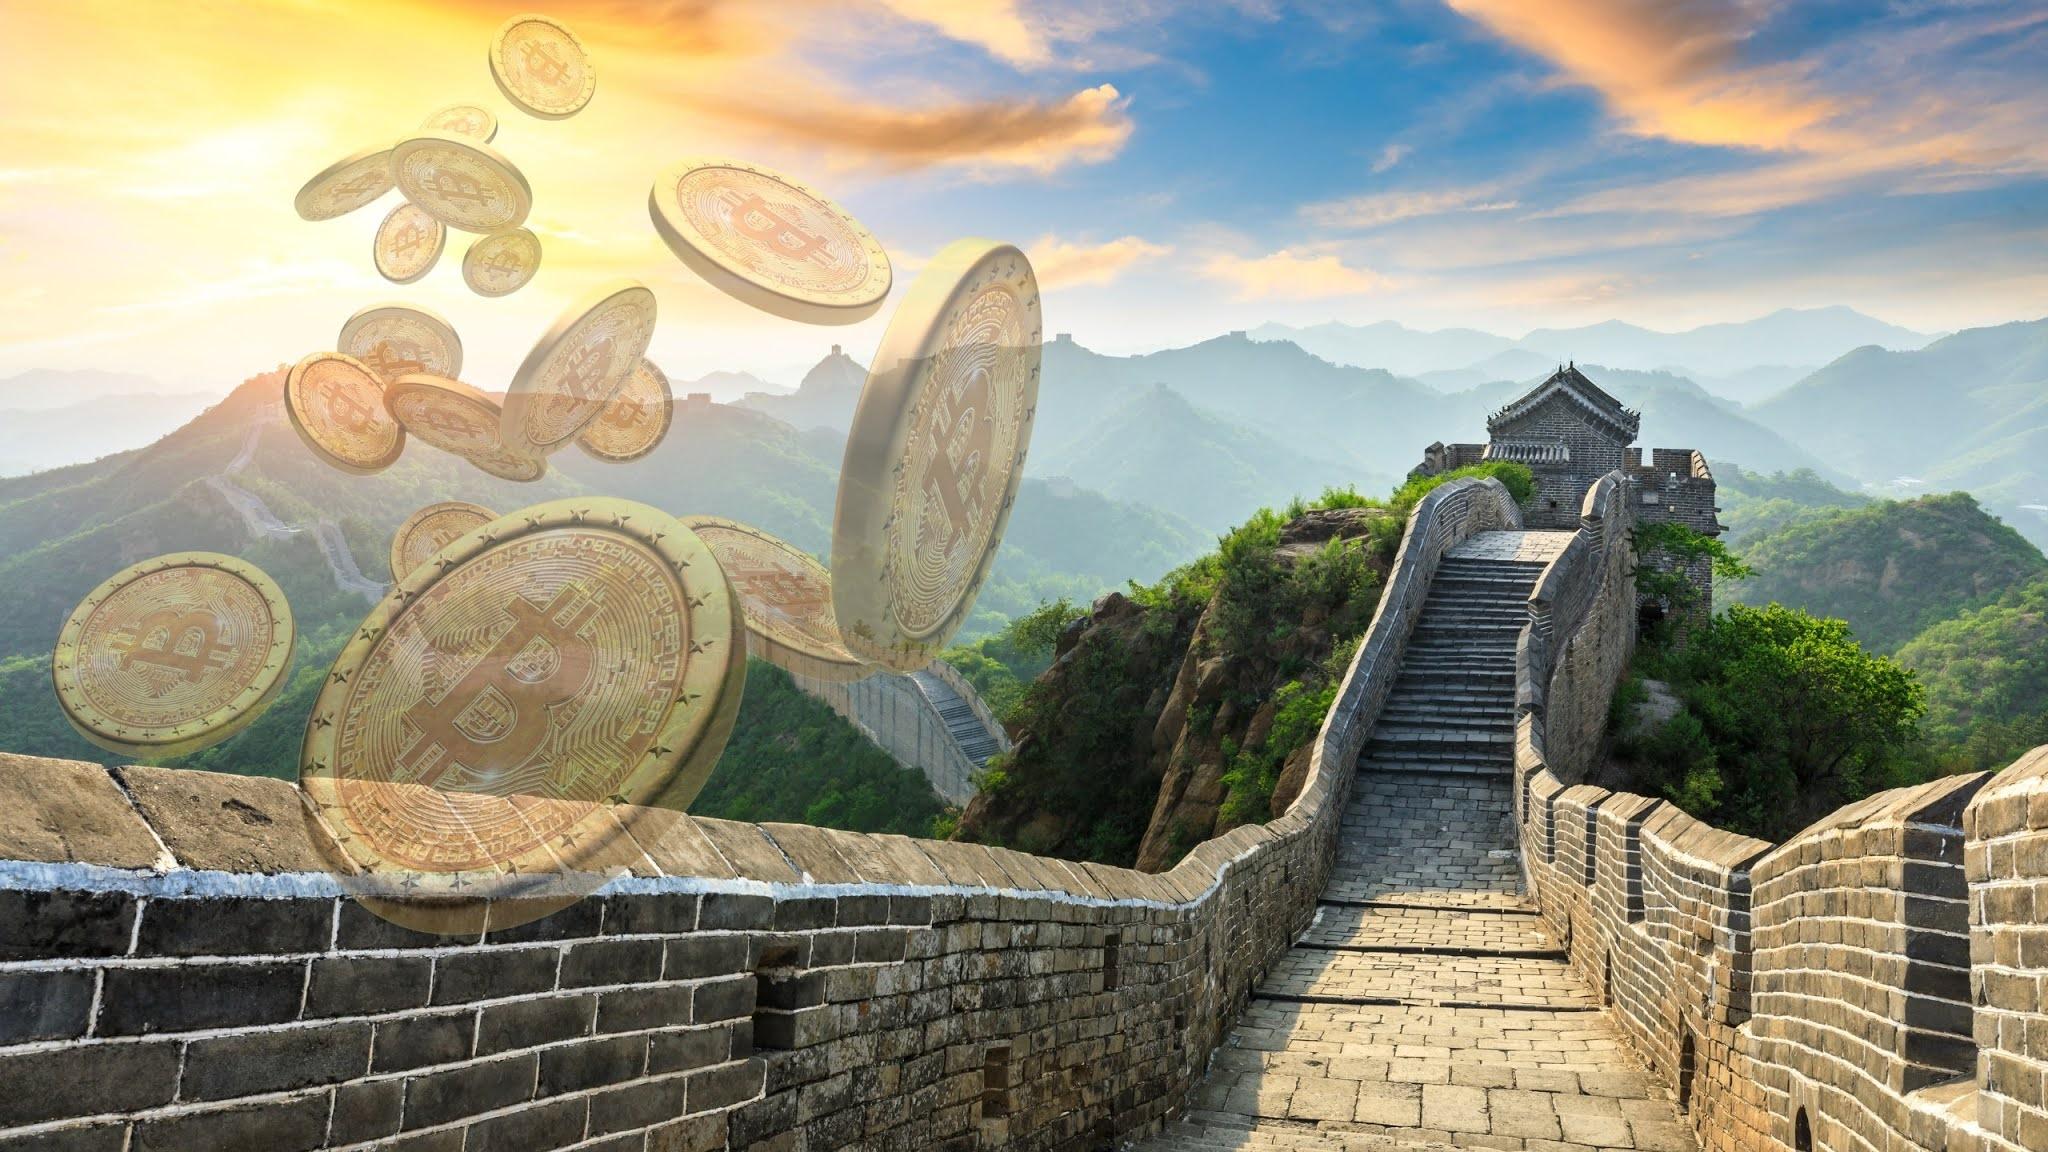 Çin BTC yasağı